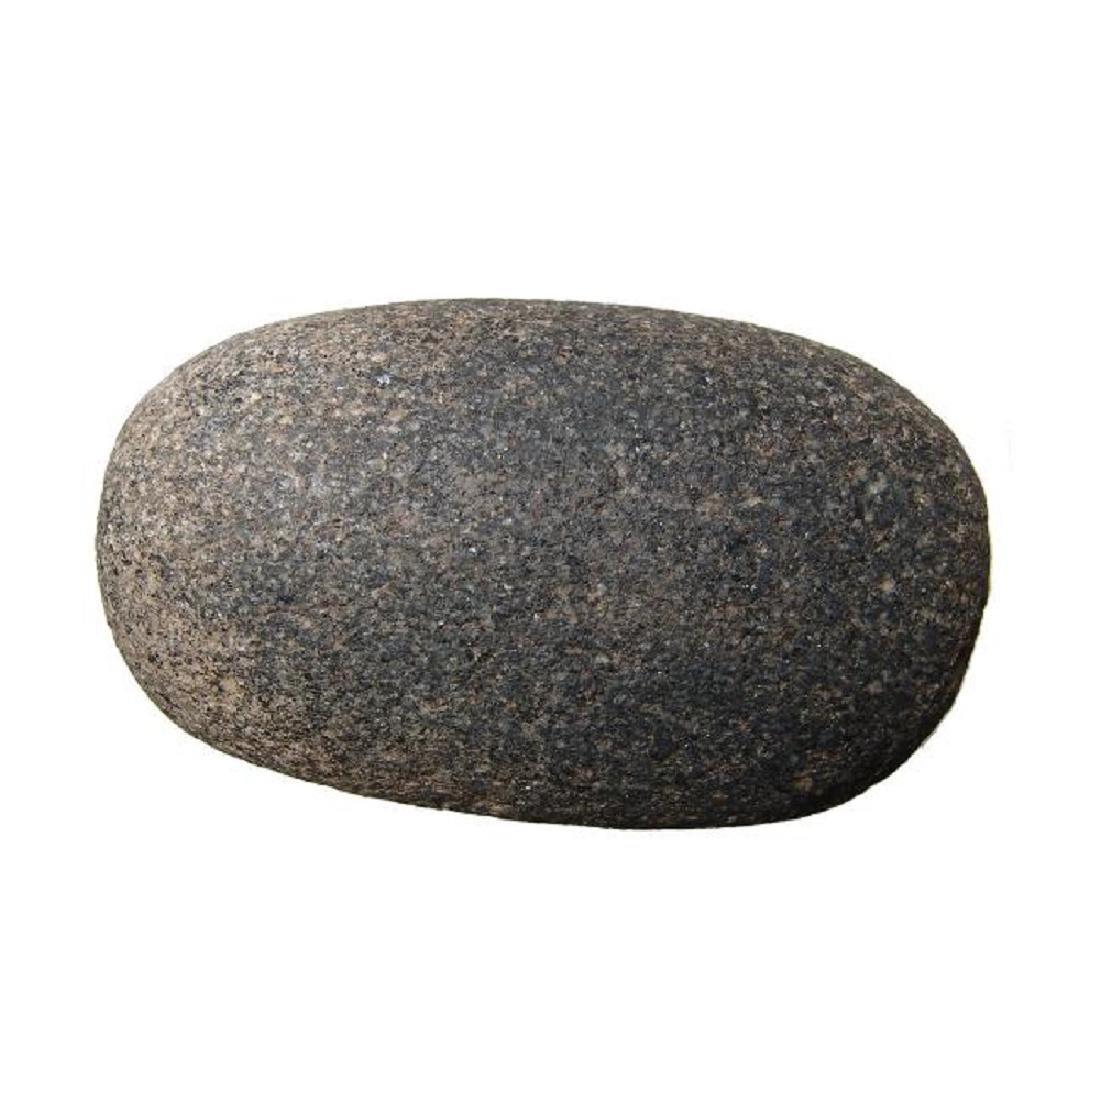 A granite mulling stone, Costa Rica - 2